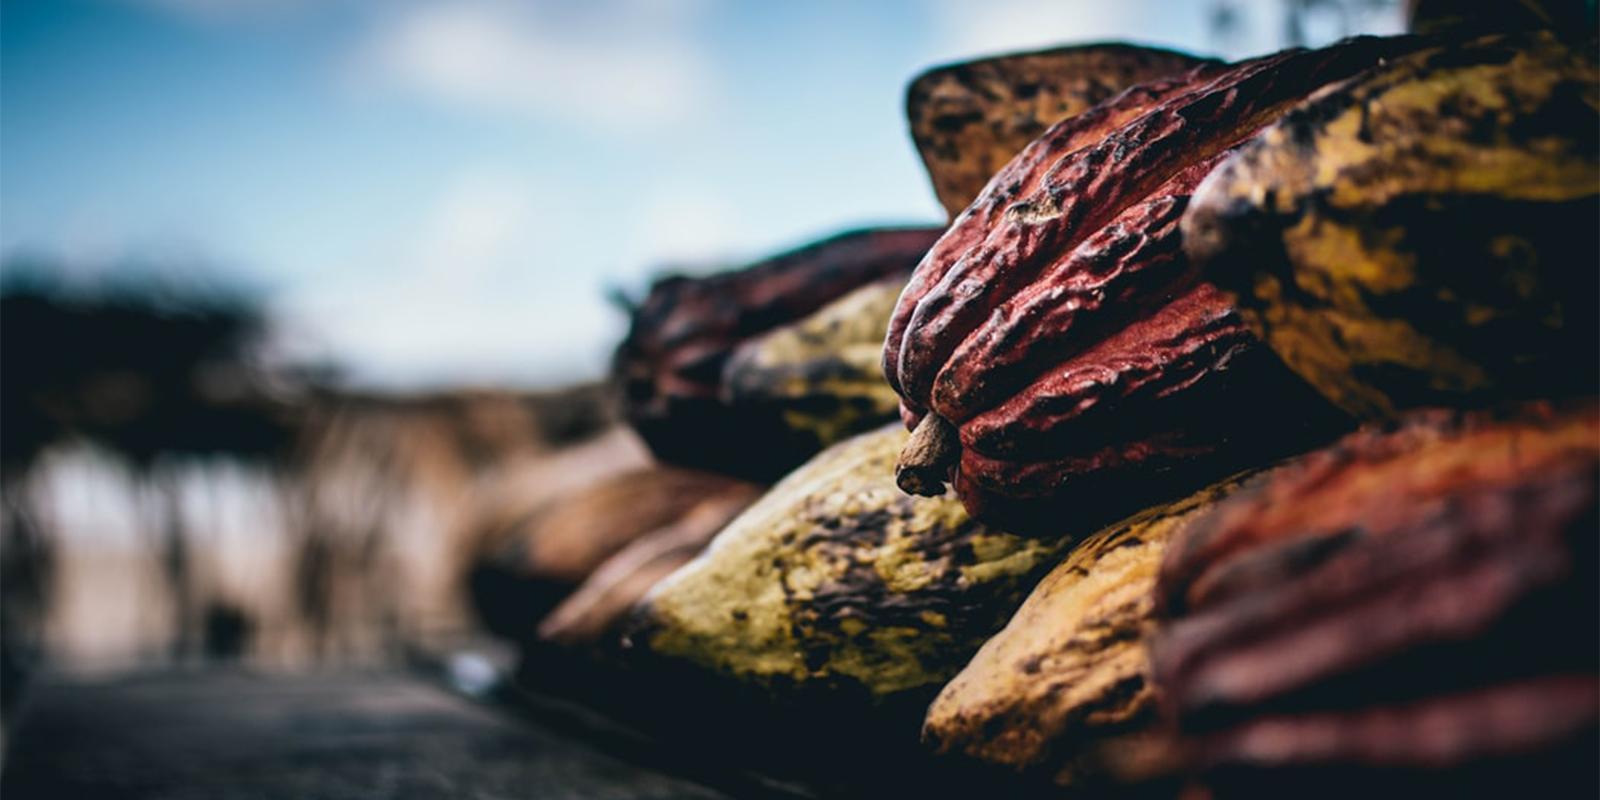 Kakaové boby používané k výrobě čokolády Lyra